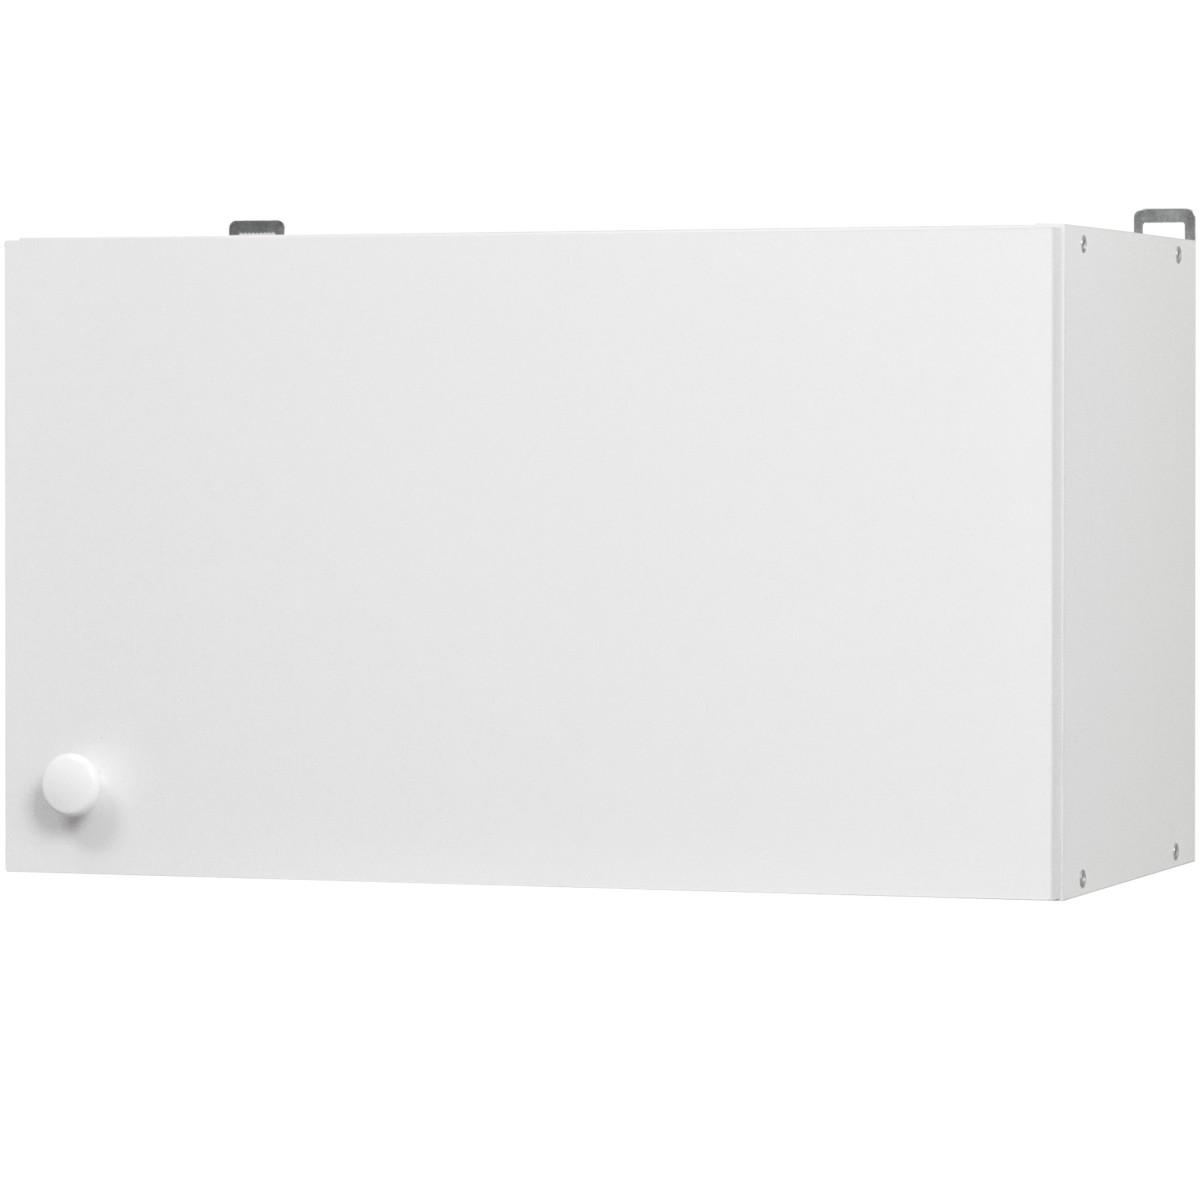 Шкаф над вытяжкой Бэлла 60x35x29 см ЛДСП цвет белый